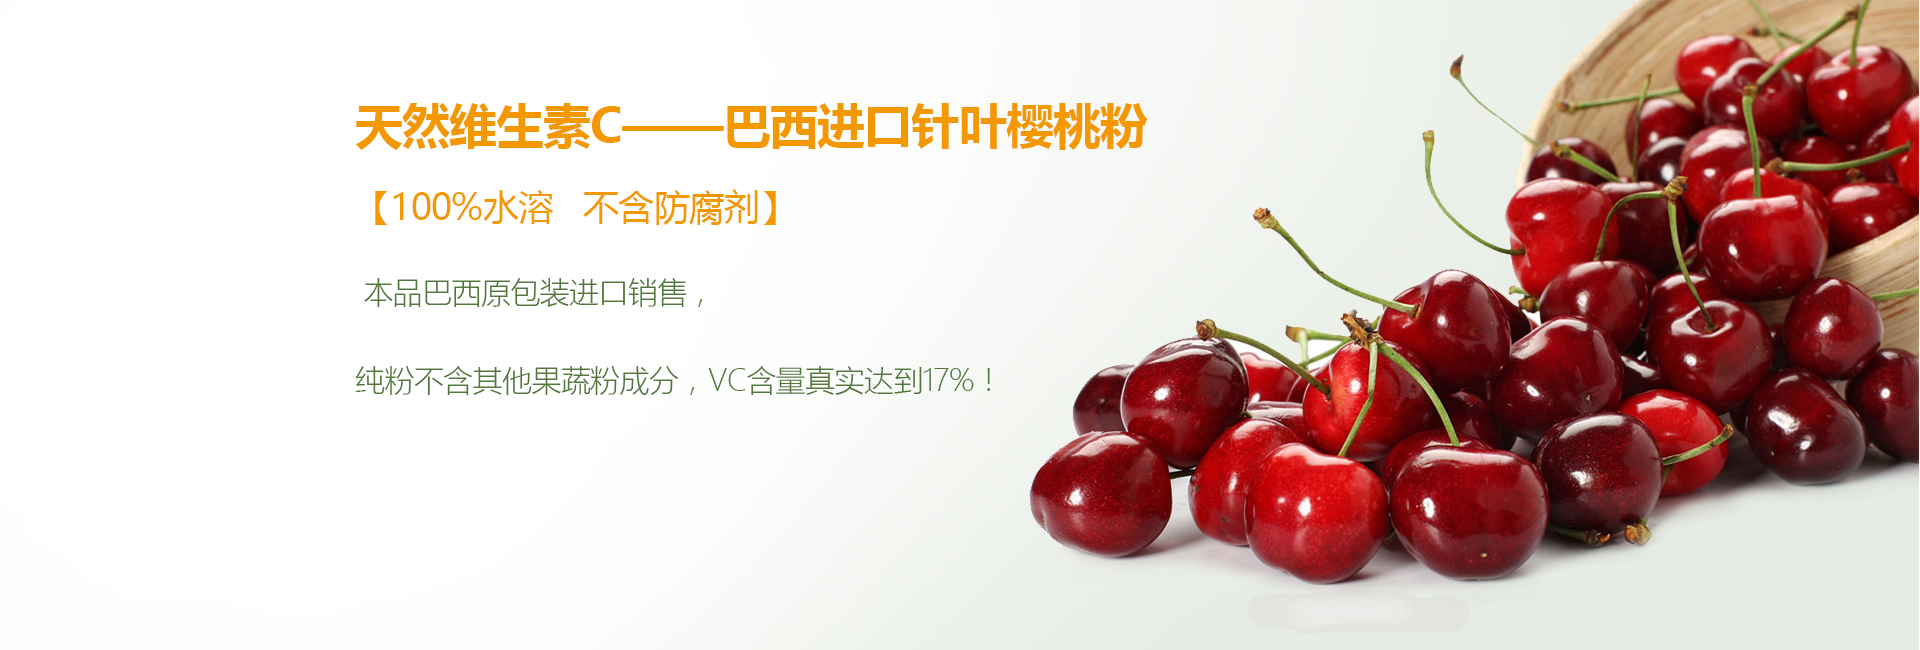 上海欧夫工贸有限公司